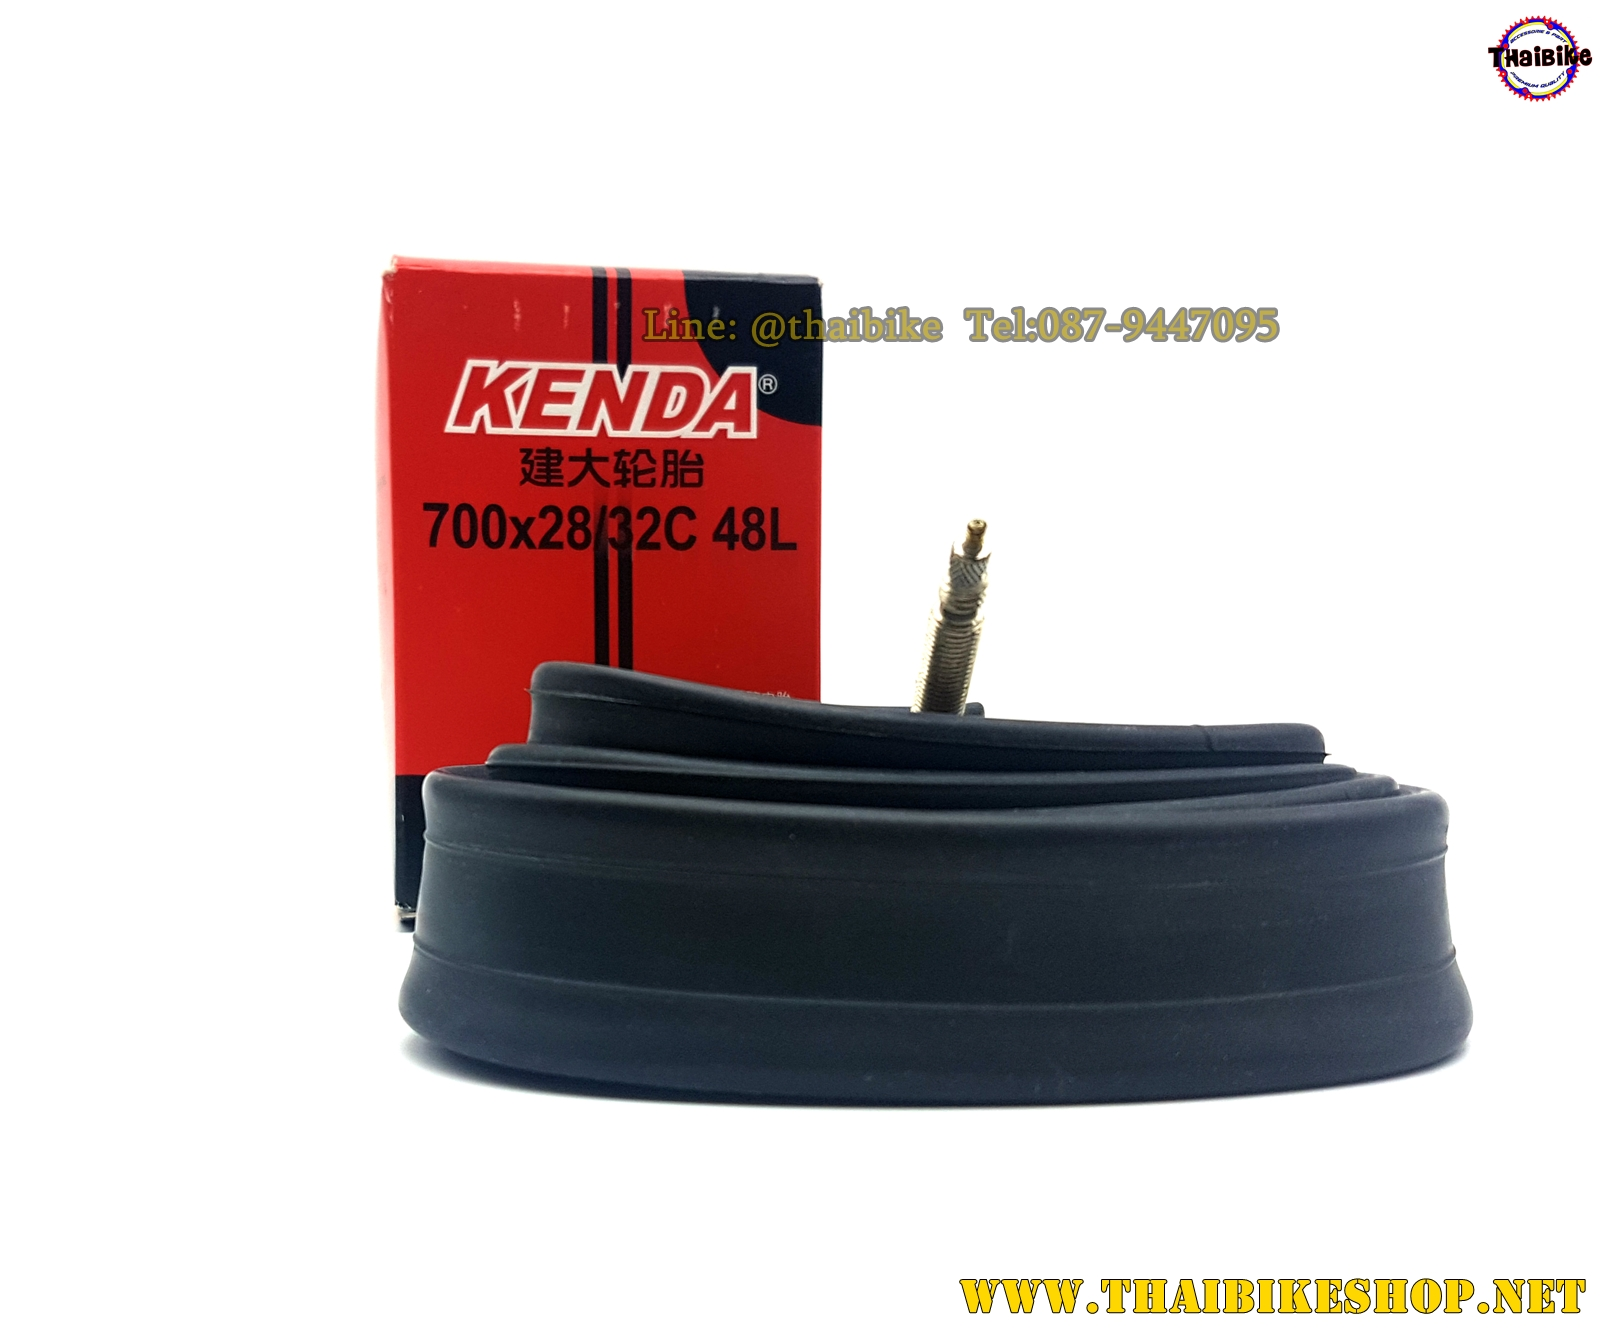 ยางใน KENDA 700X28/32C 48L จุ๊บเล็ก